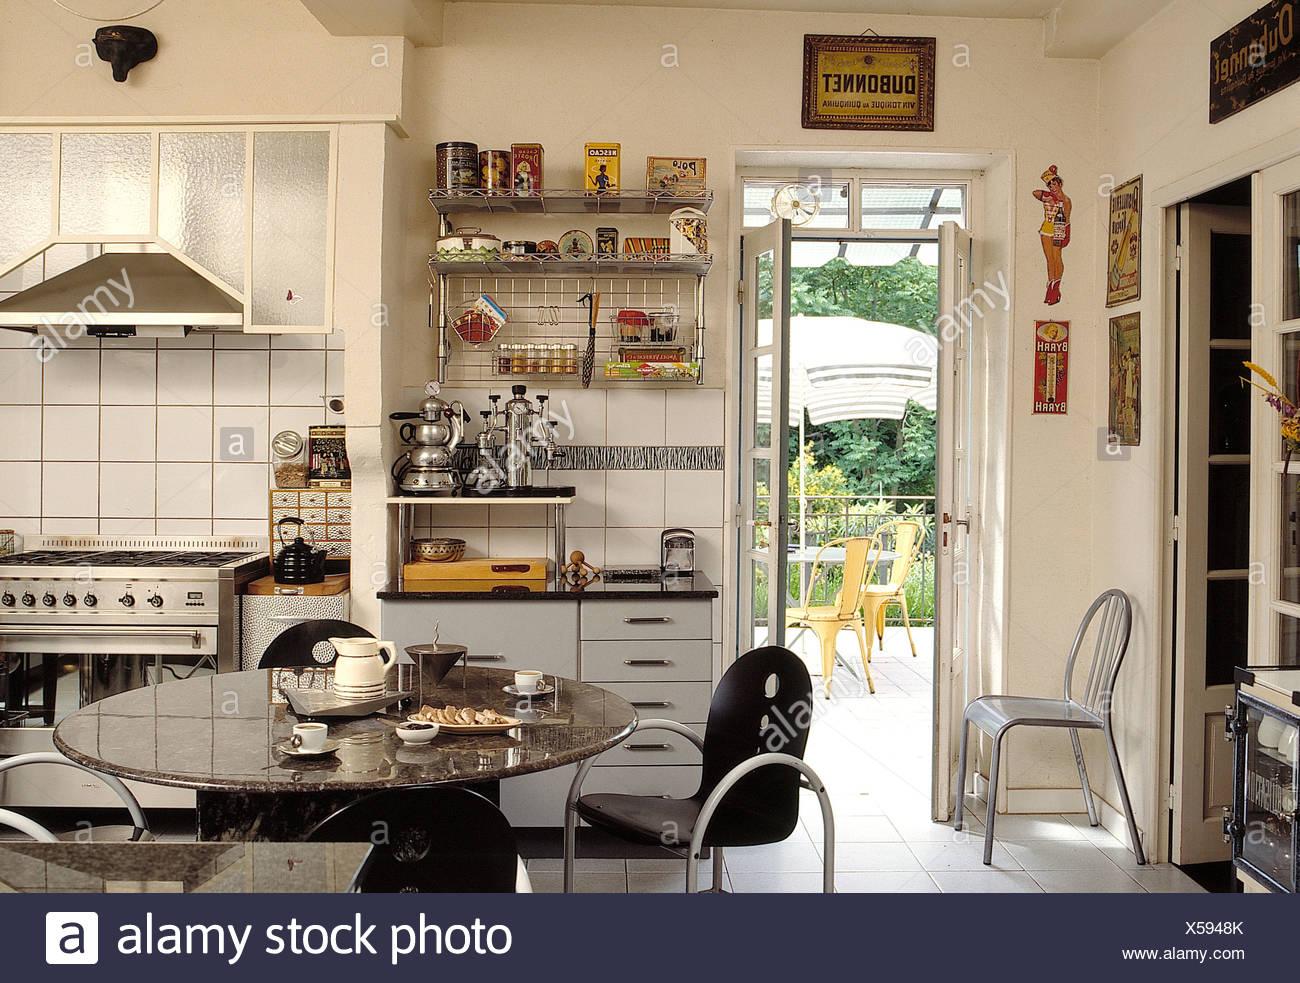 Schwarze Metall Stuhle Am Runden Tisch In Weiss Geflieste Kuche Mit